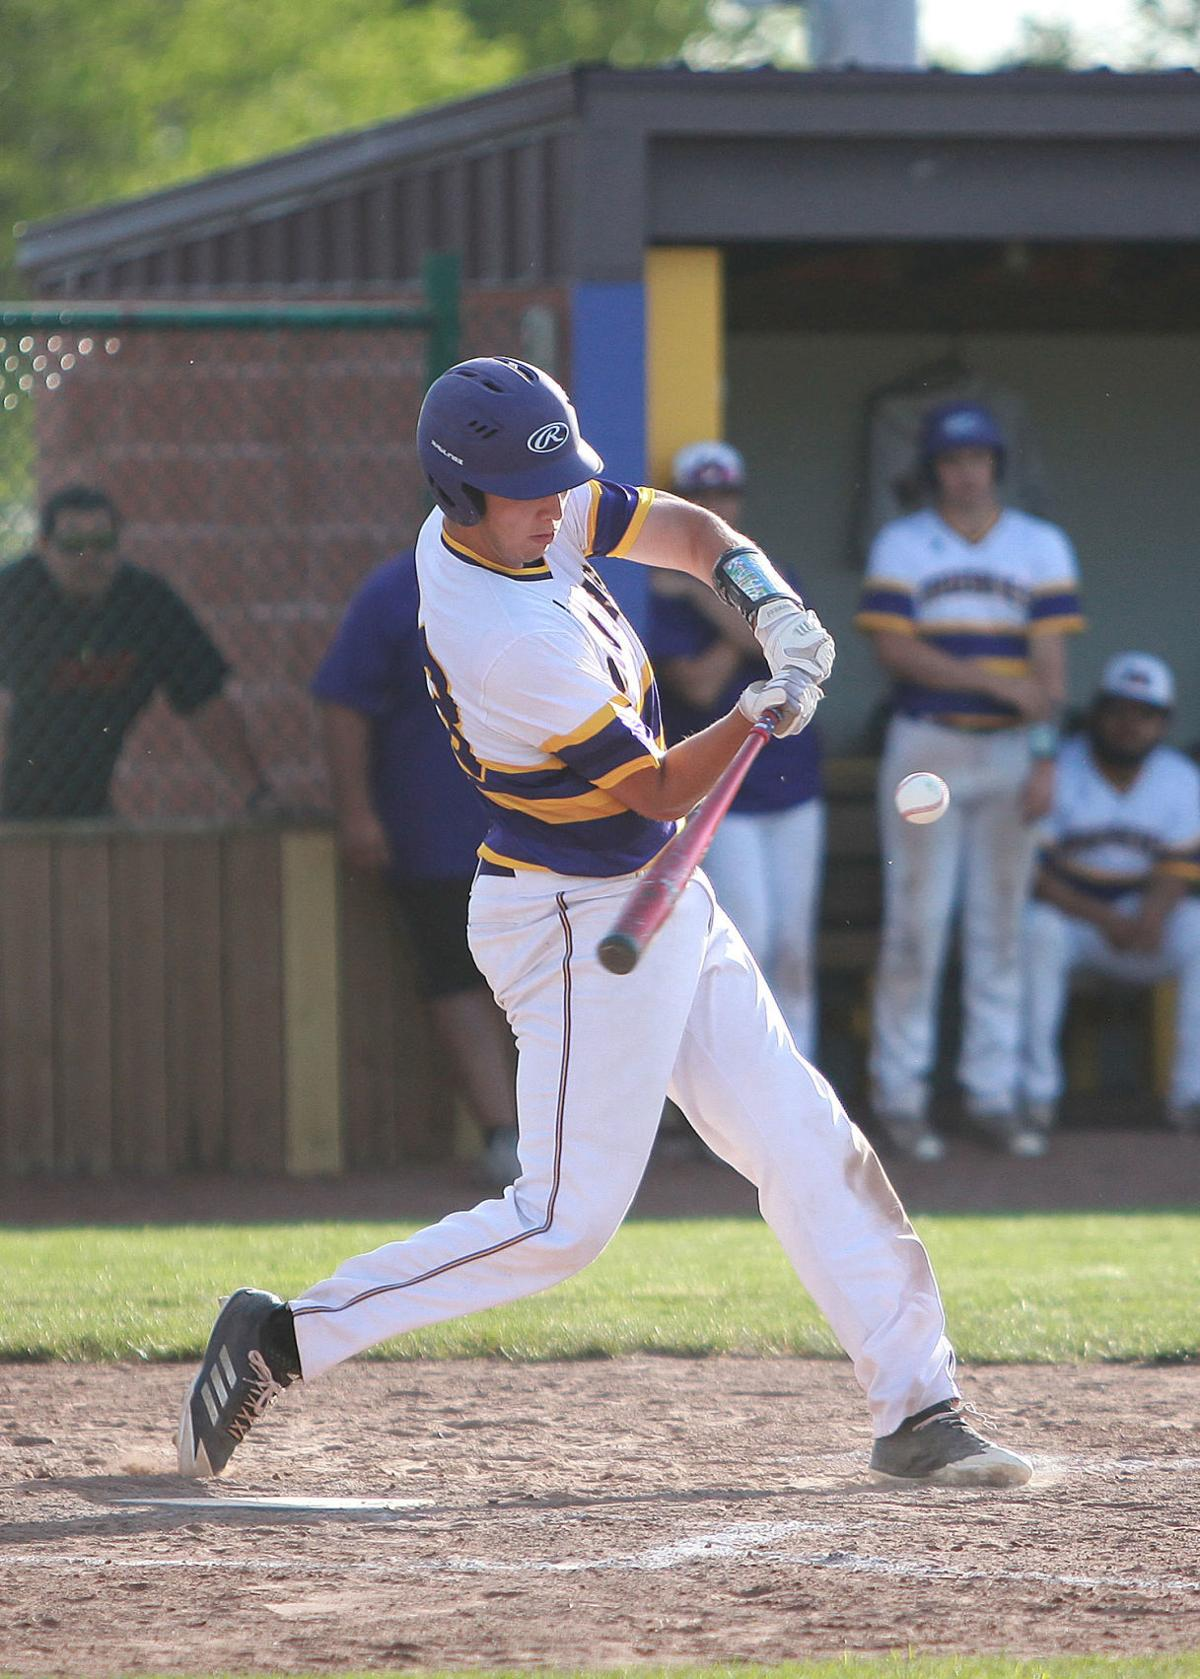 Drew Logel bat